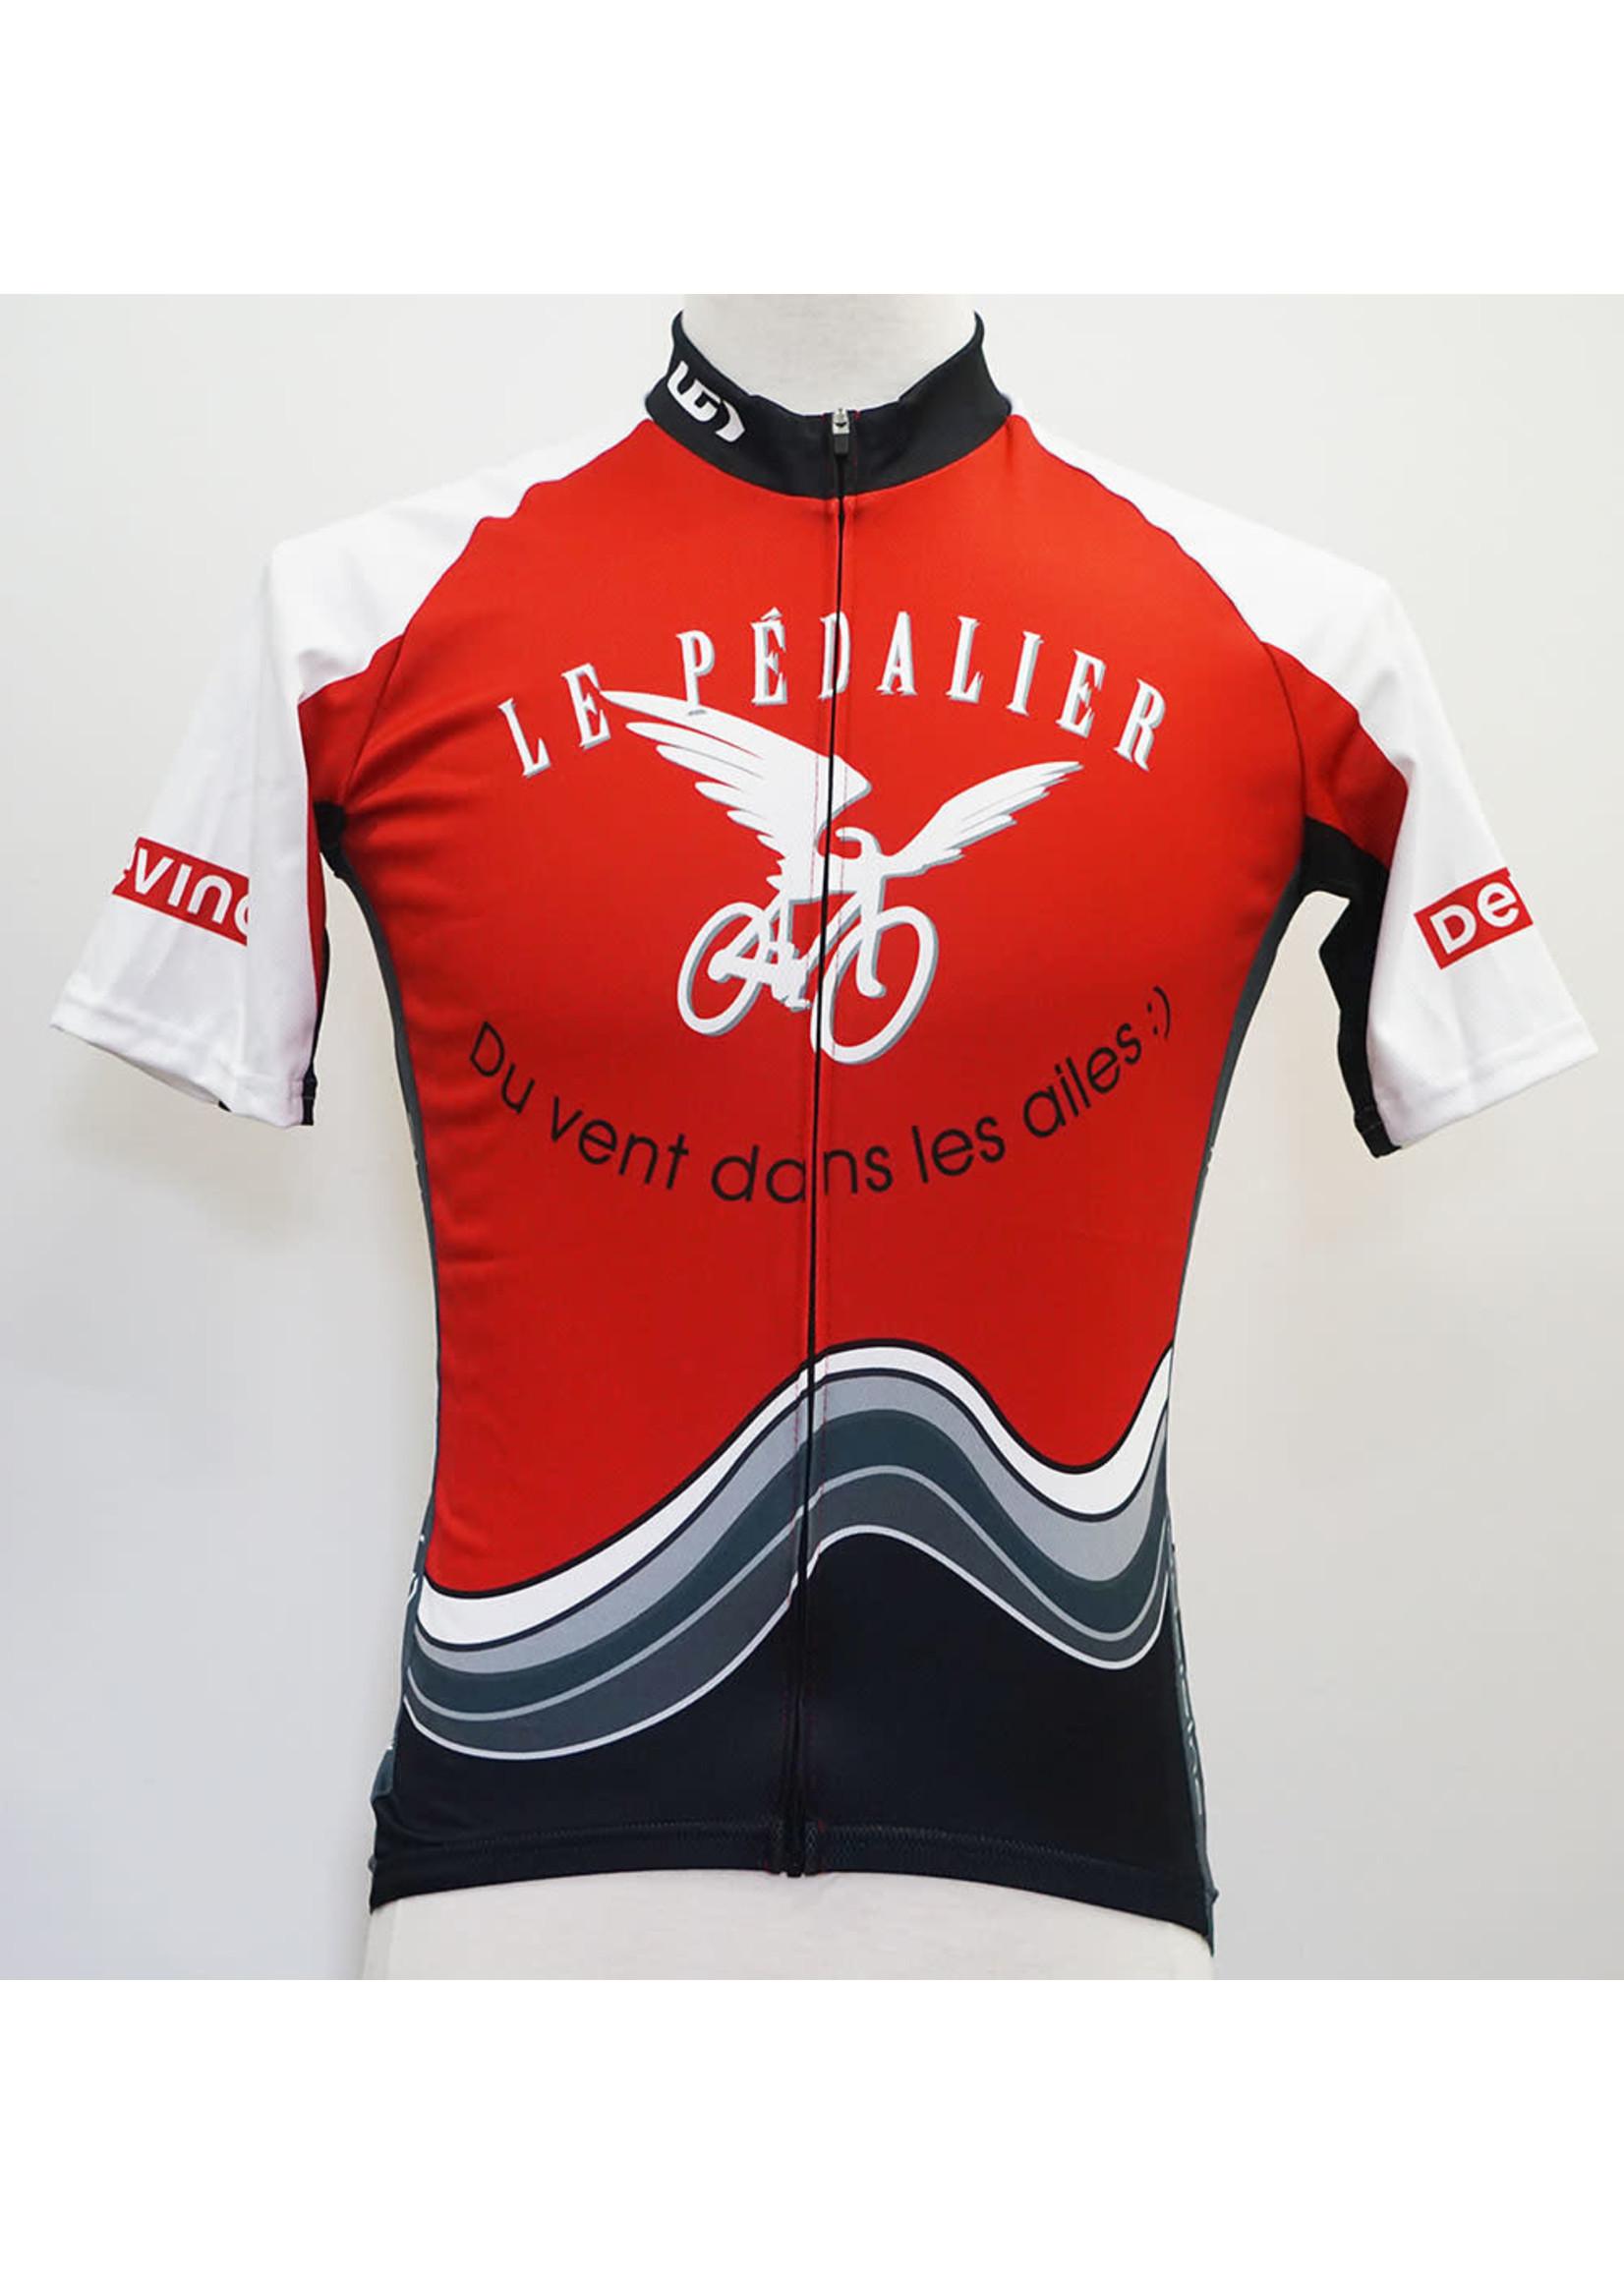 LOUIS GARNEAU Maillot Le Pédalier / Full zip / Rouge & noir